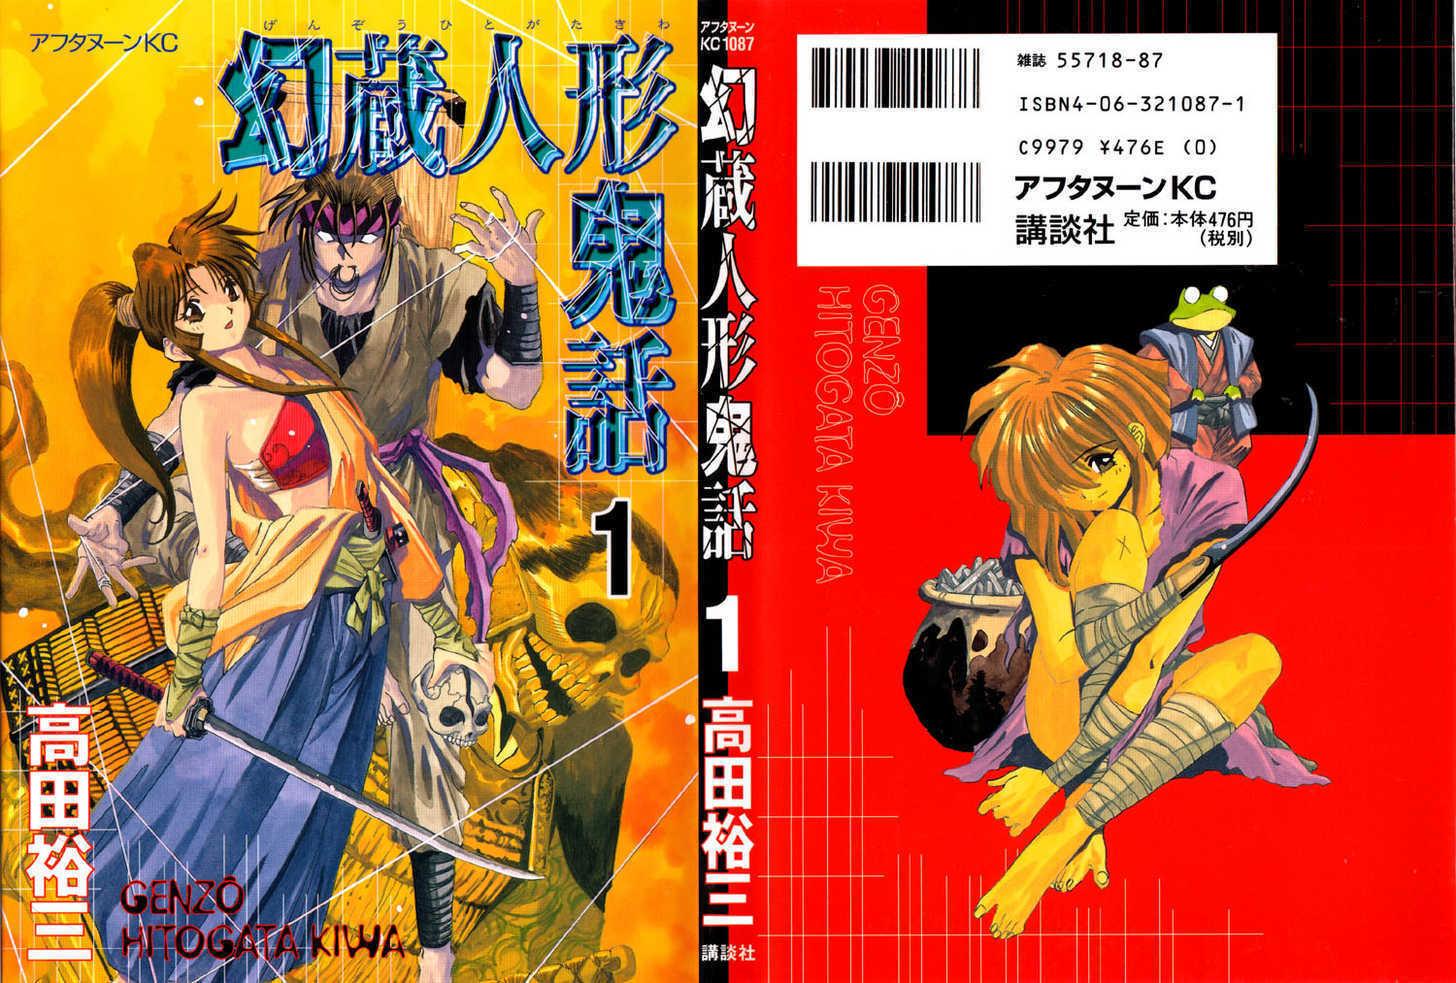 Genzo Hitogata Kiwa 1 Page 2